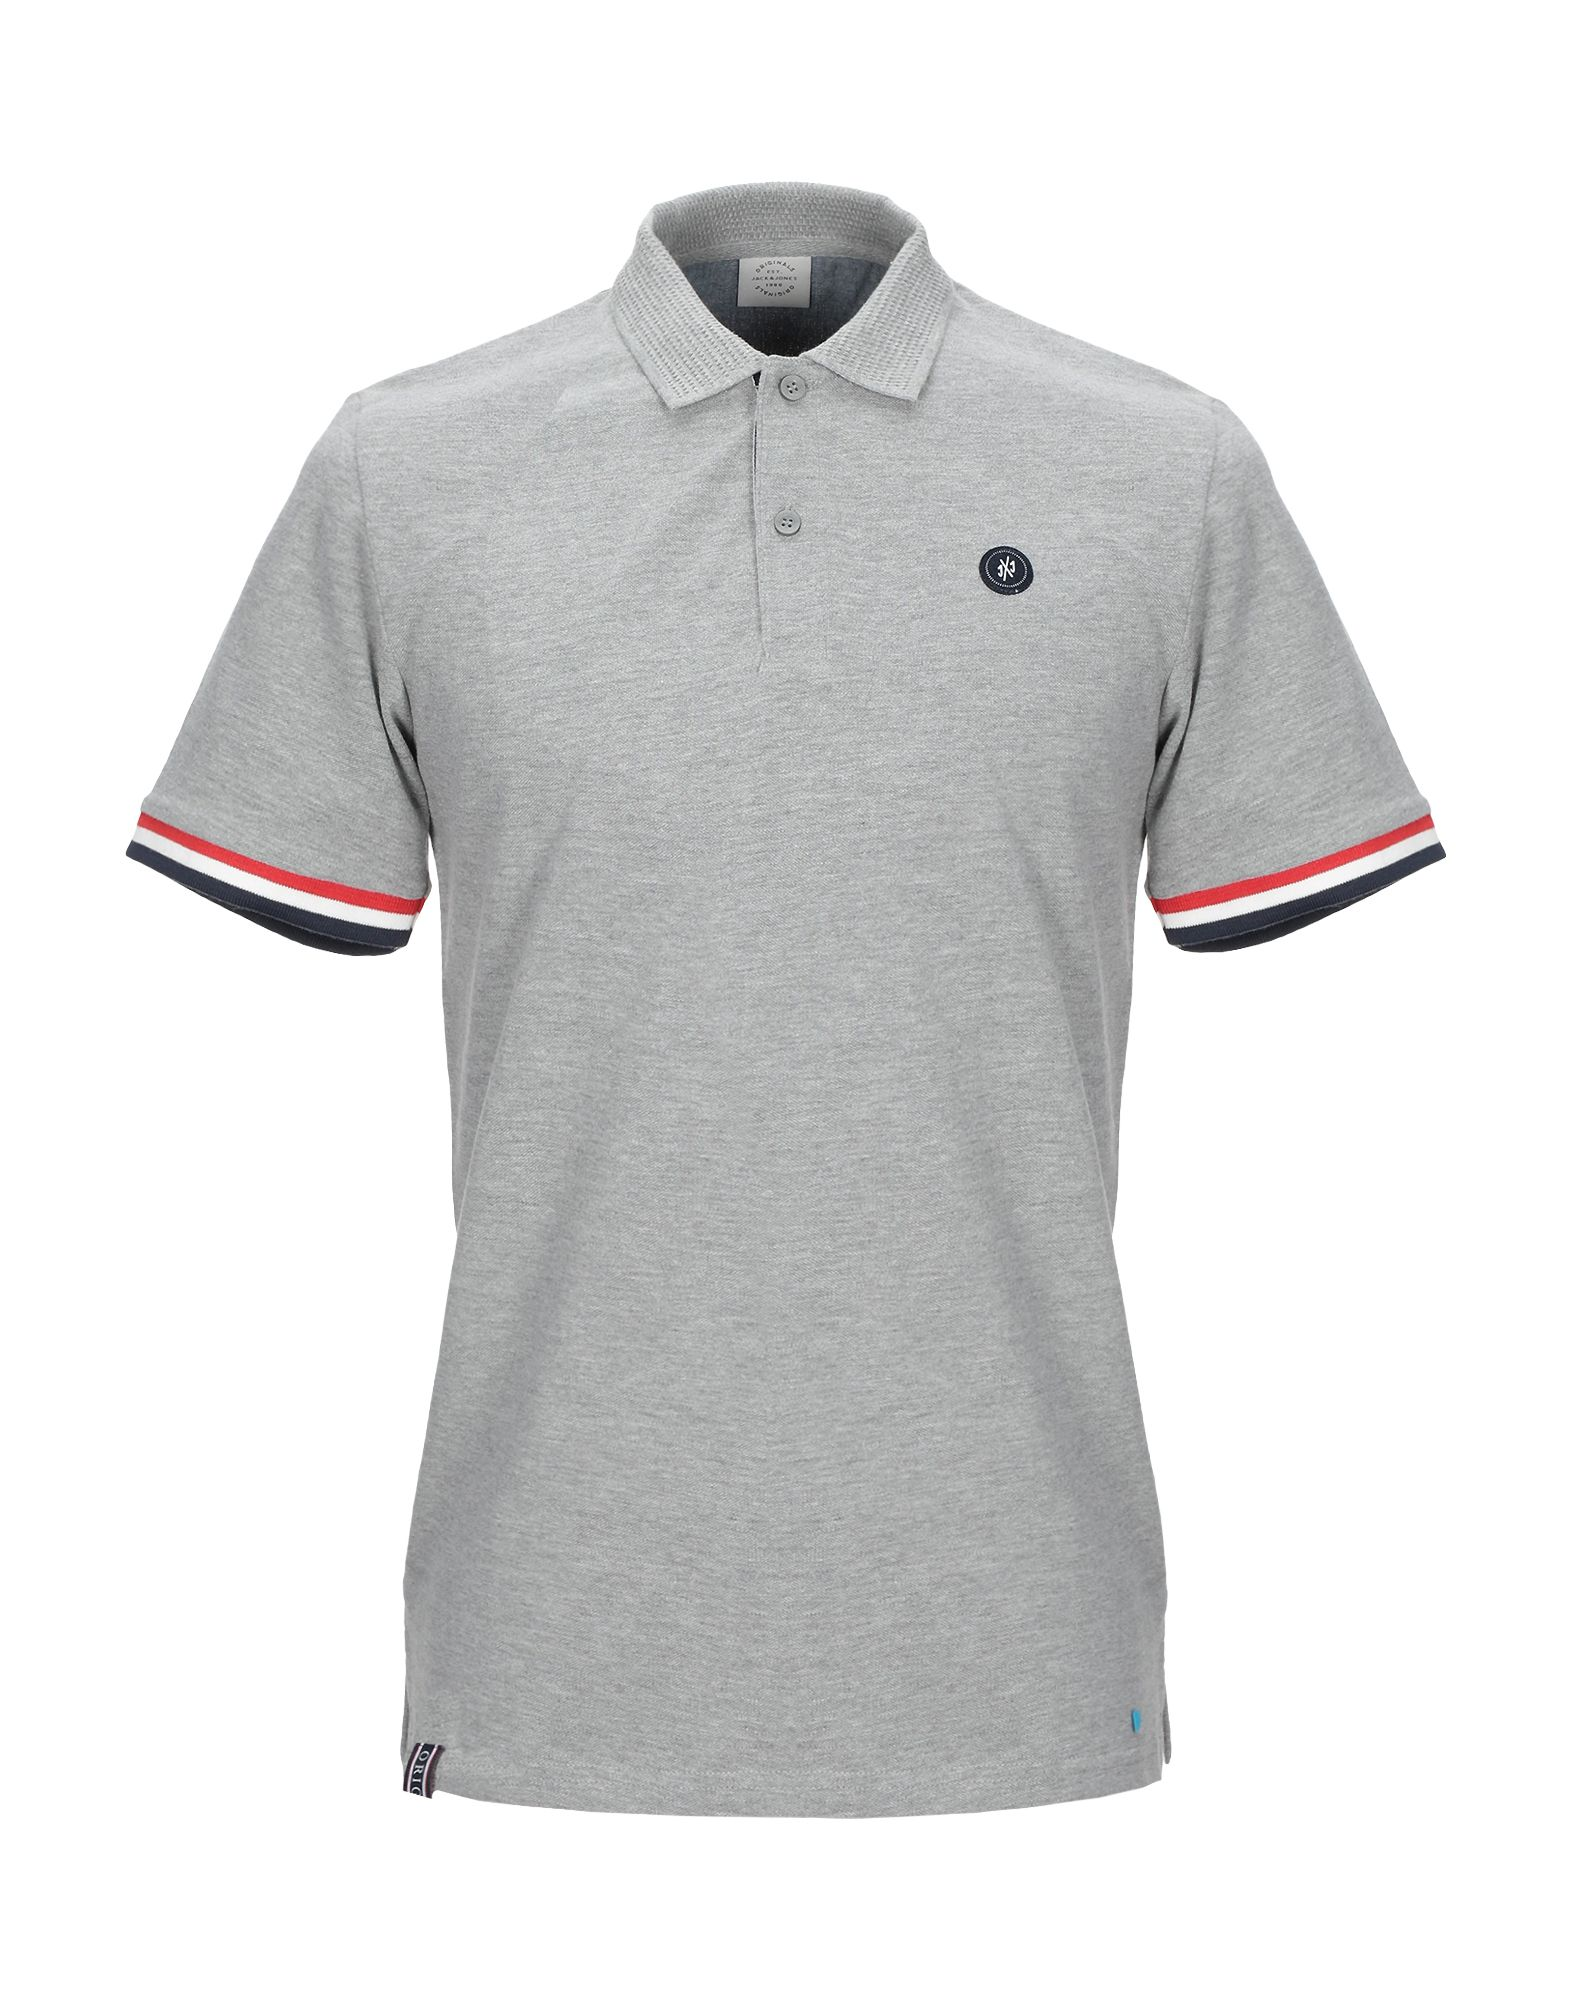 《送料無料》JACK & JONES ORIGINALS メンズ ポロシャツ グレー S コットン 100%